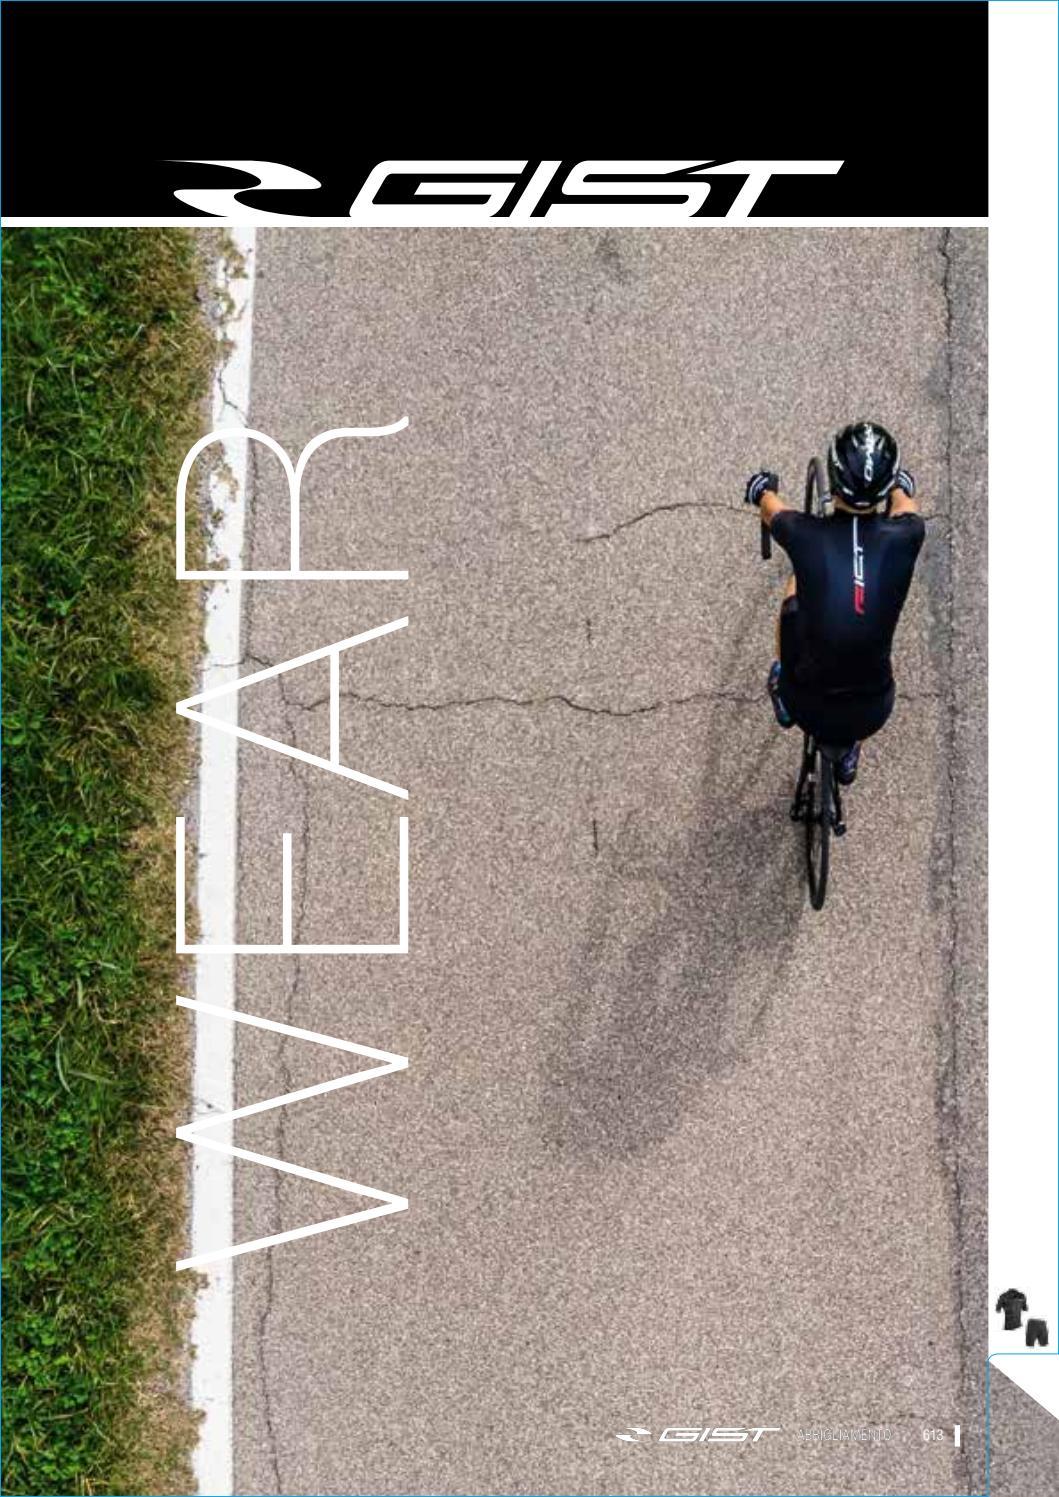 NERO LARGE IN COTONE LYCRA ROSSO Per gli atleti Strap XX